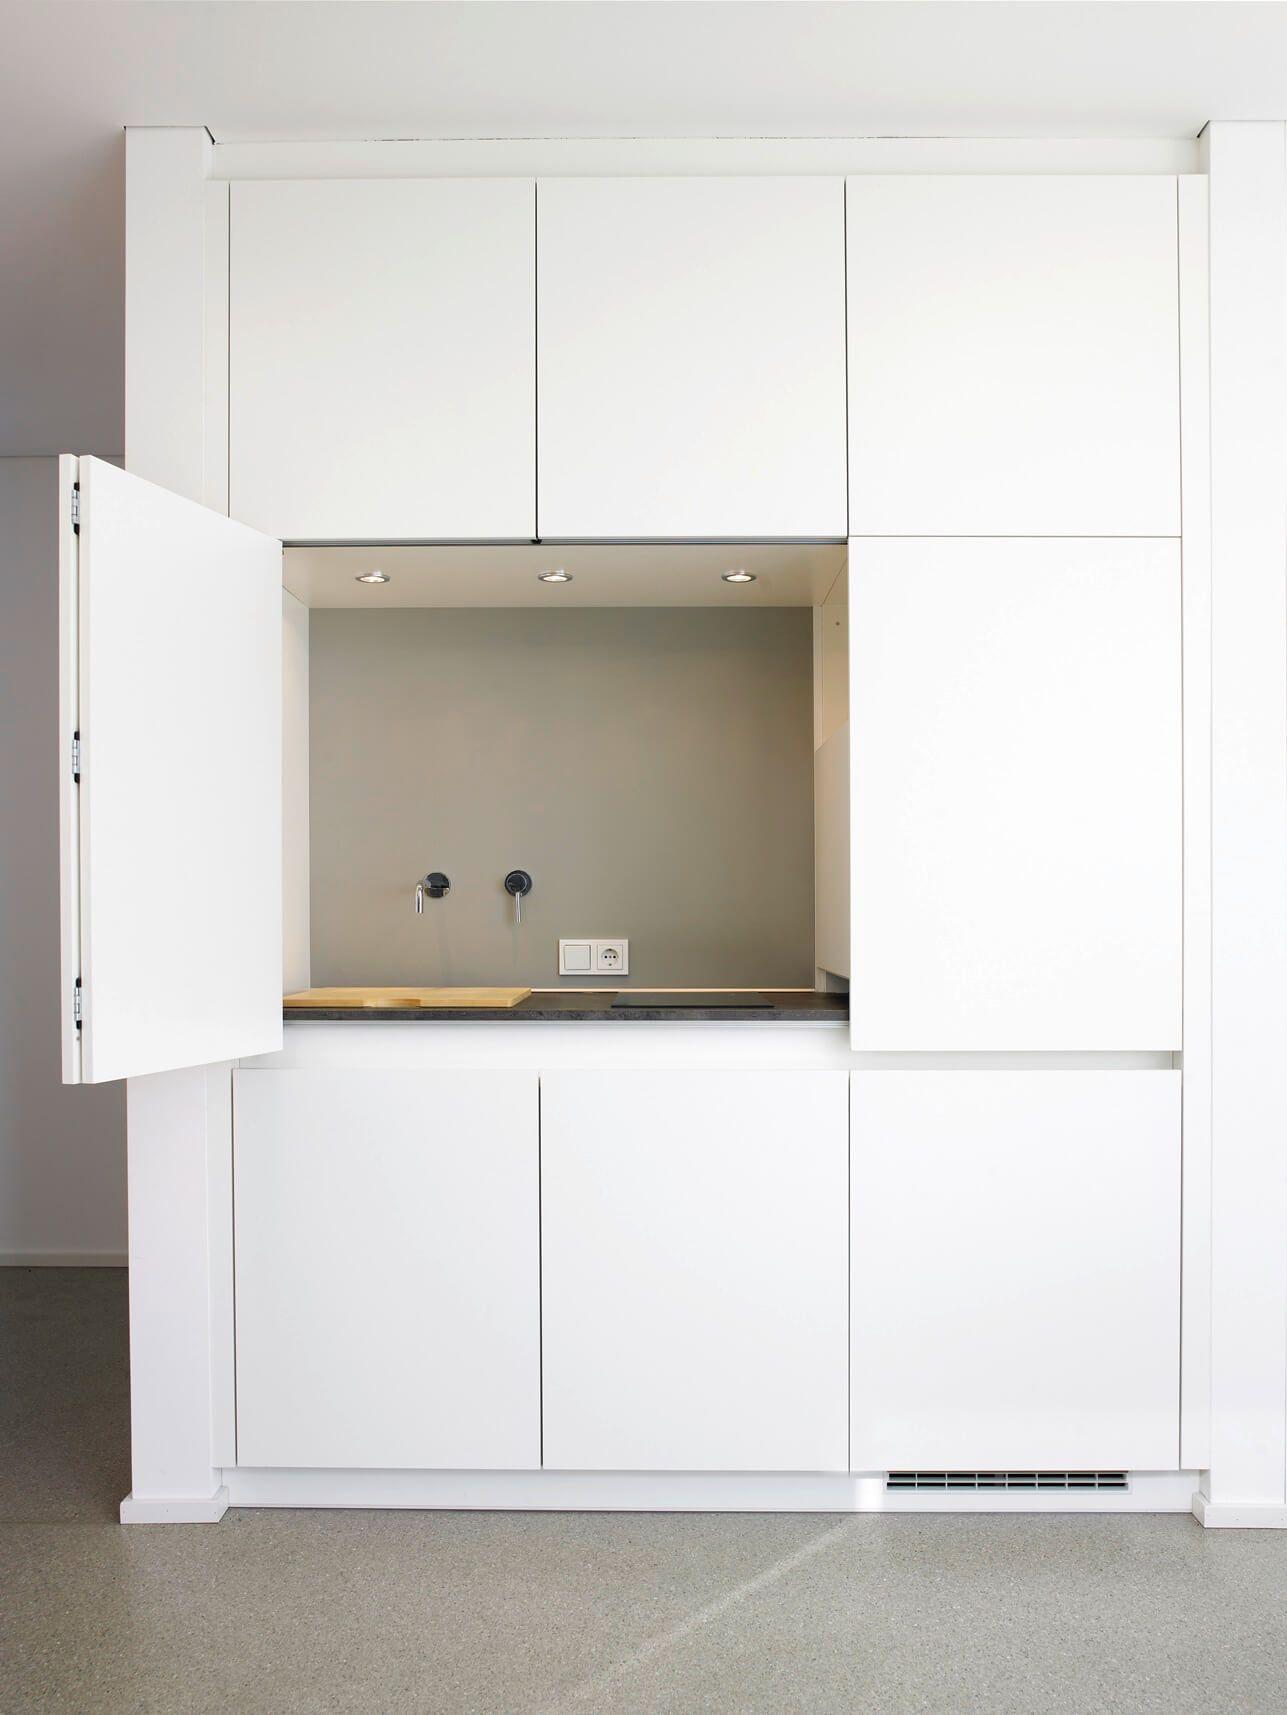 Küchenfront mit Stauraum. Küchenorganisation durch Küchenschränke ...